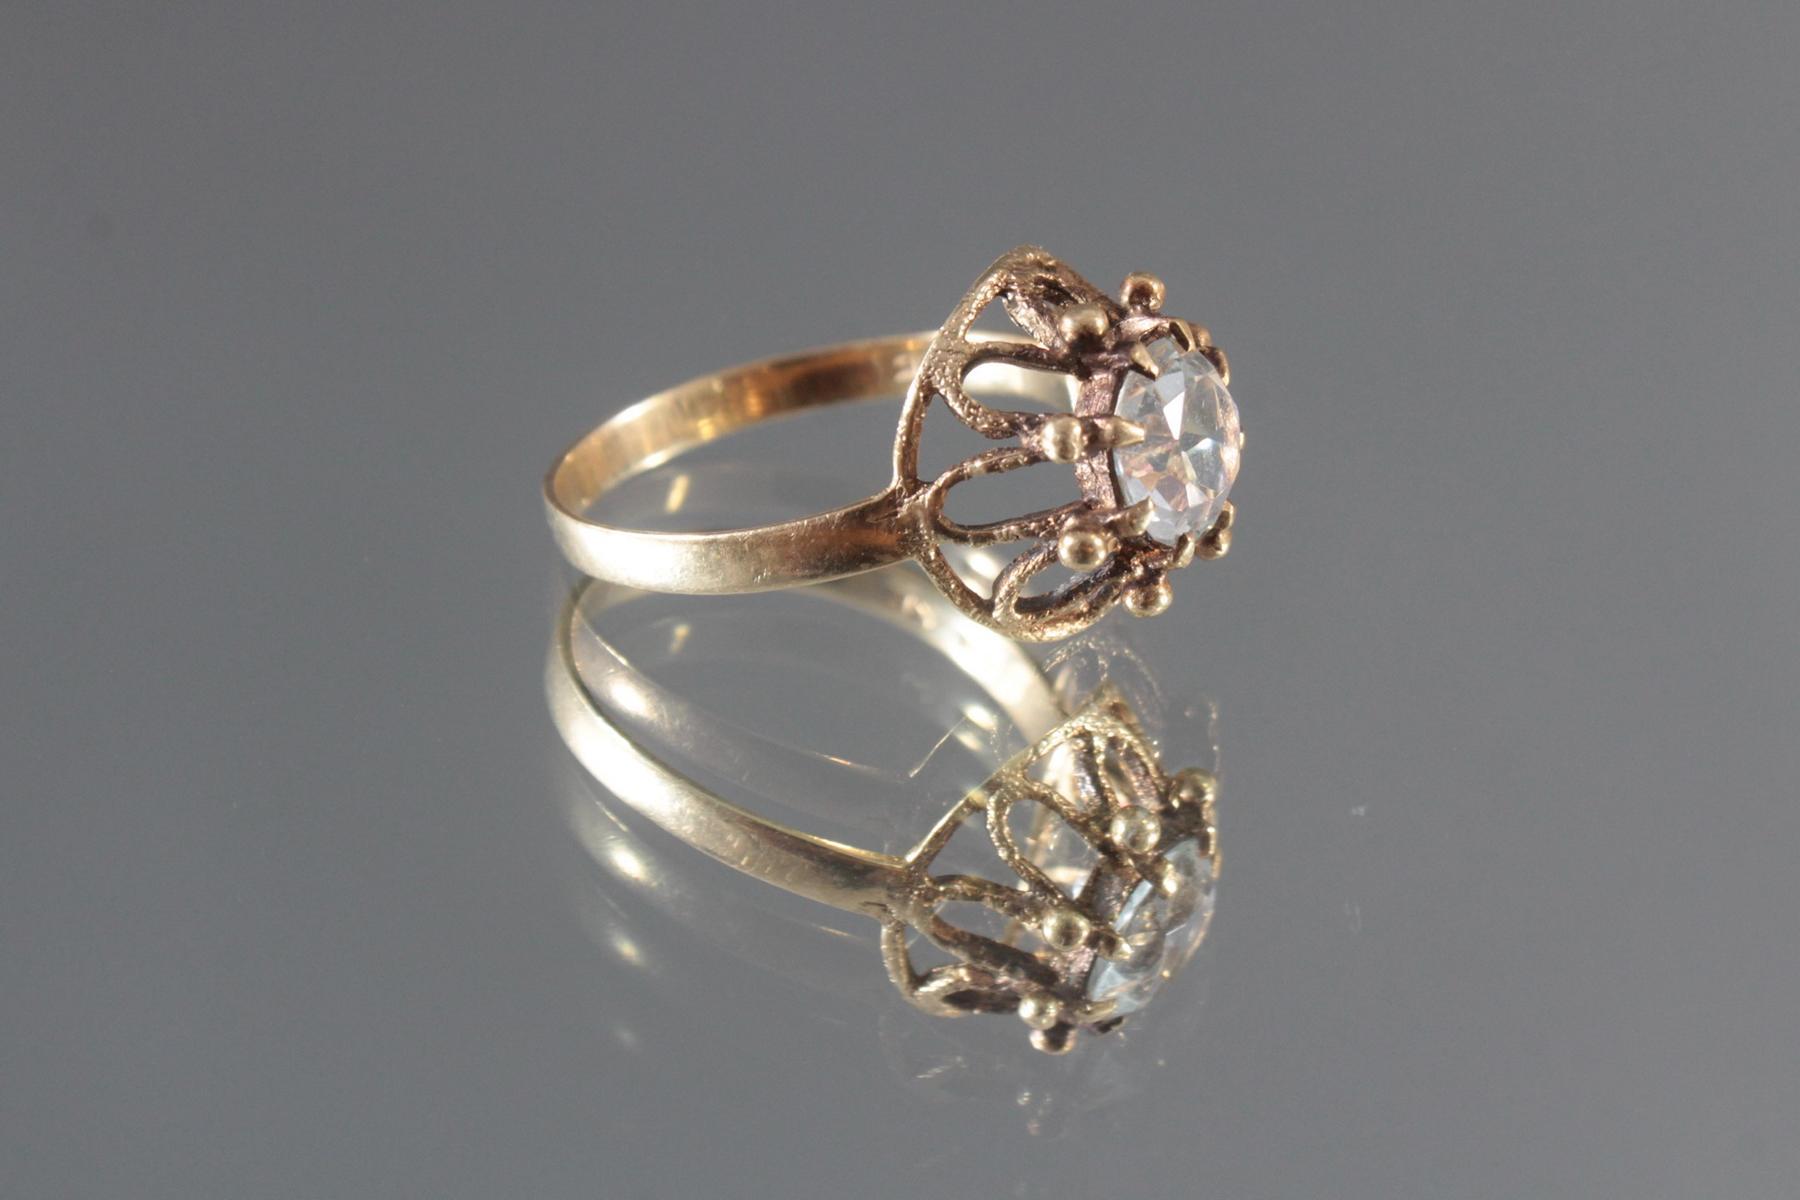 Antiker Damenring mit Zirkonia im Diamantschliff, 14 Karat Gelbgold-2